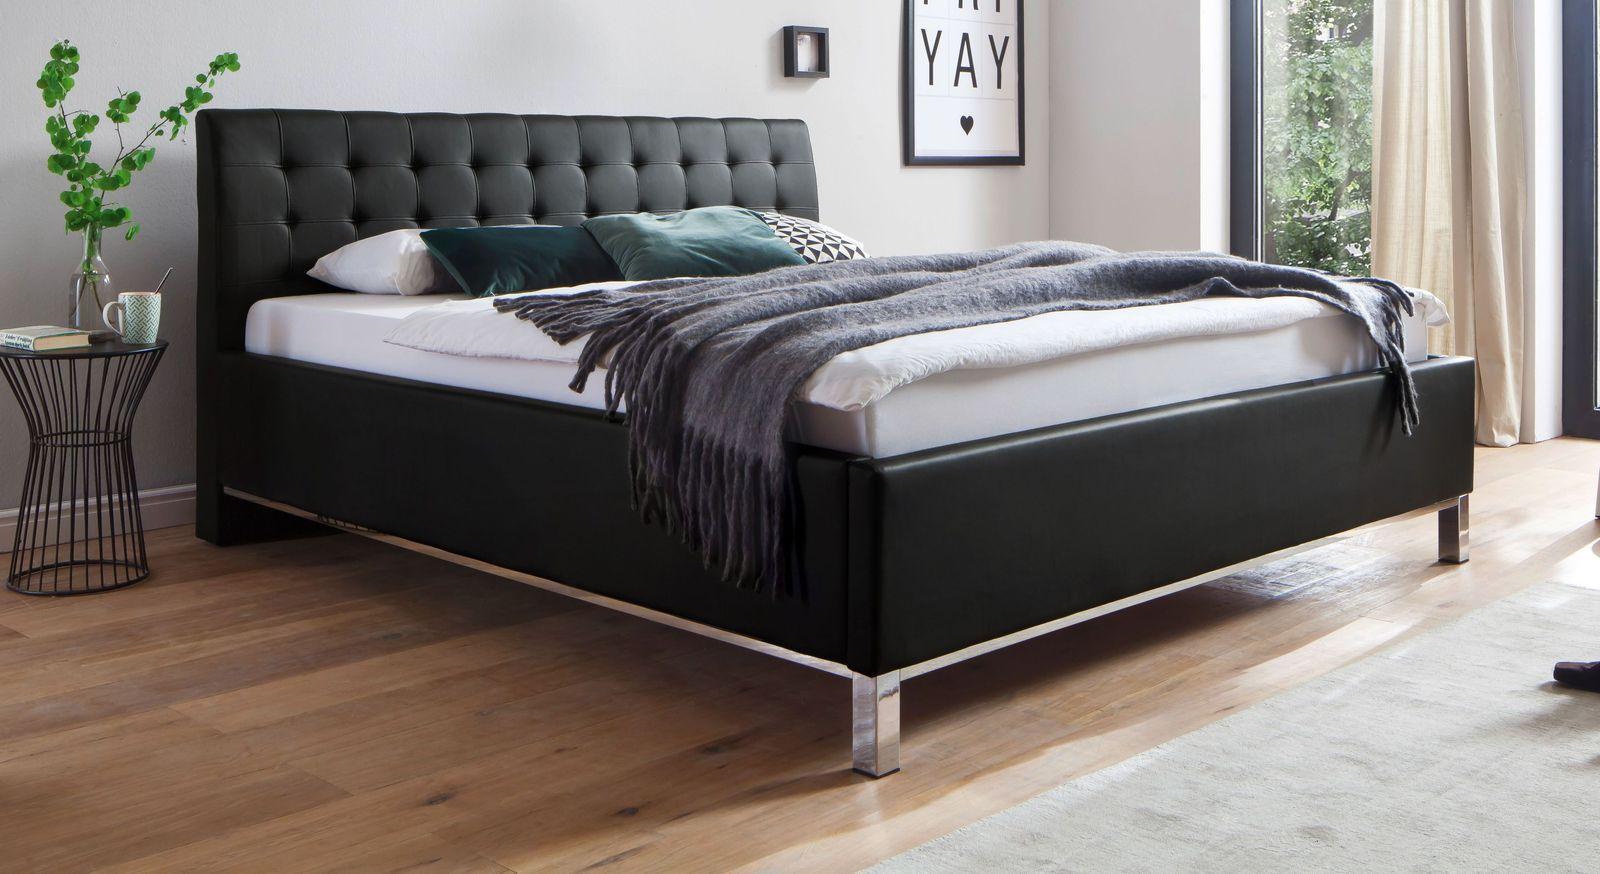 Gestepptes Polsterbett in Kunstleder Weiß oder Schwarz - Varmo